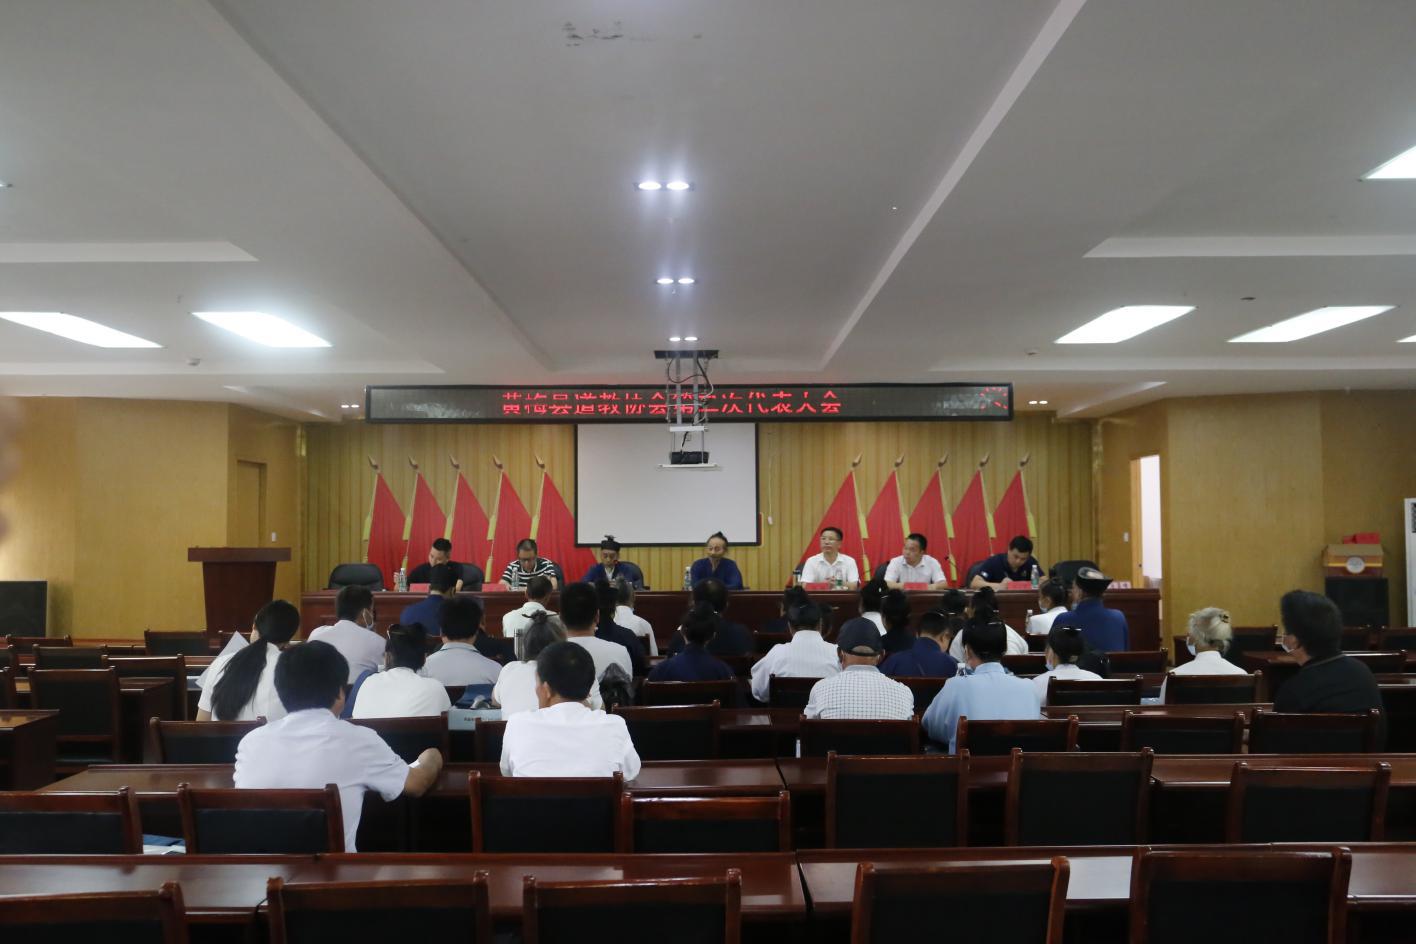 湖北省黄梅县道教协会召开第二次代表会议